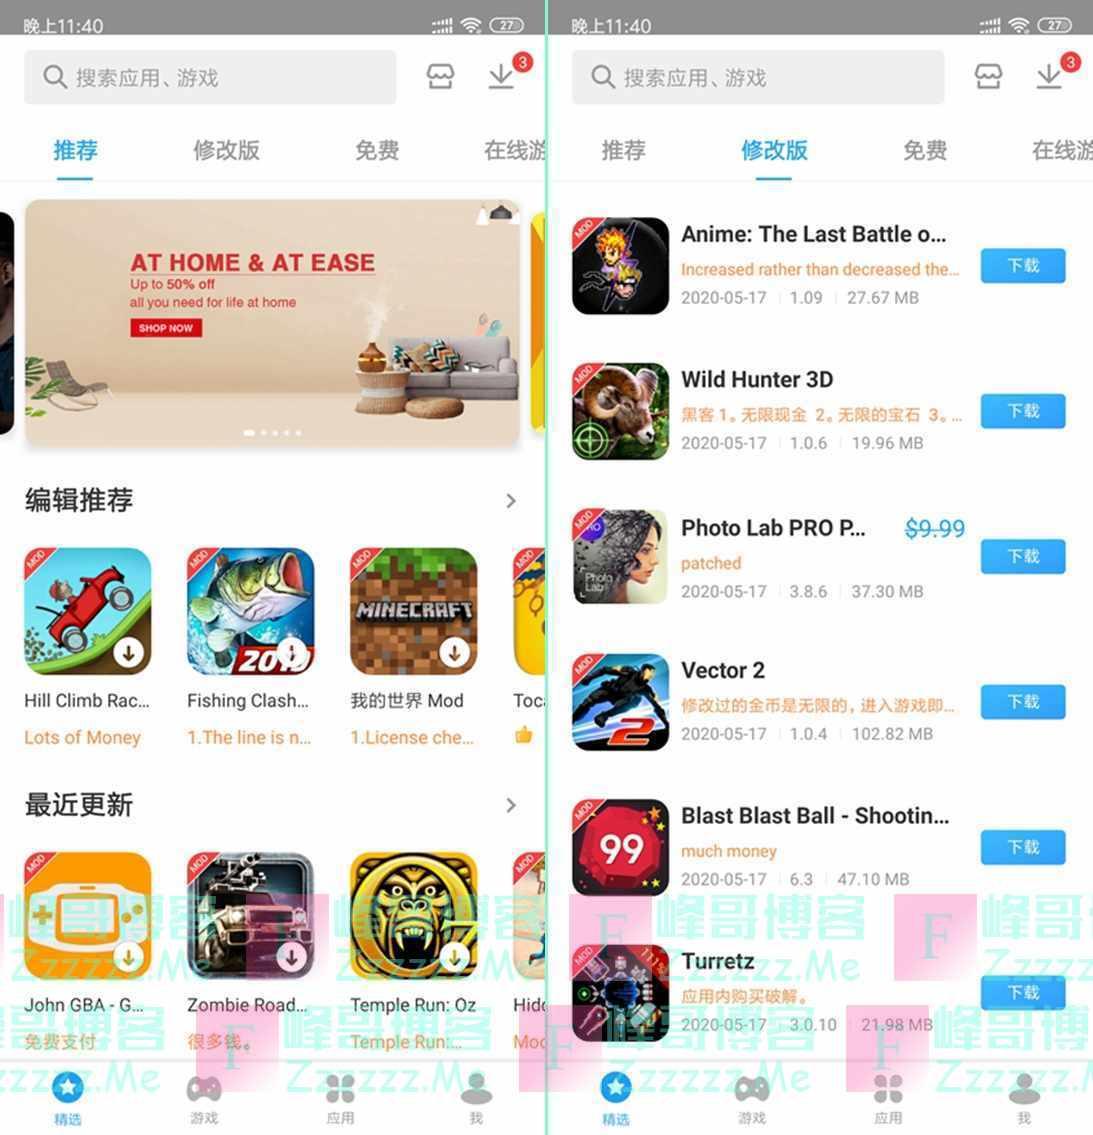 安卓Panda Helper 熊猫助手V1.1.1 免翻墙谷歌破解商店去广告绿色版下载